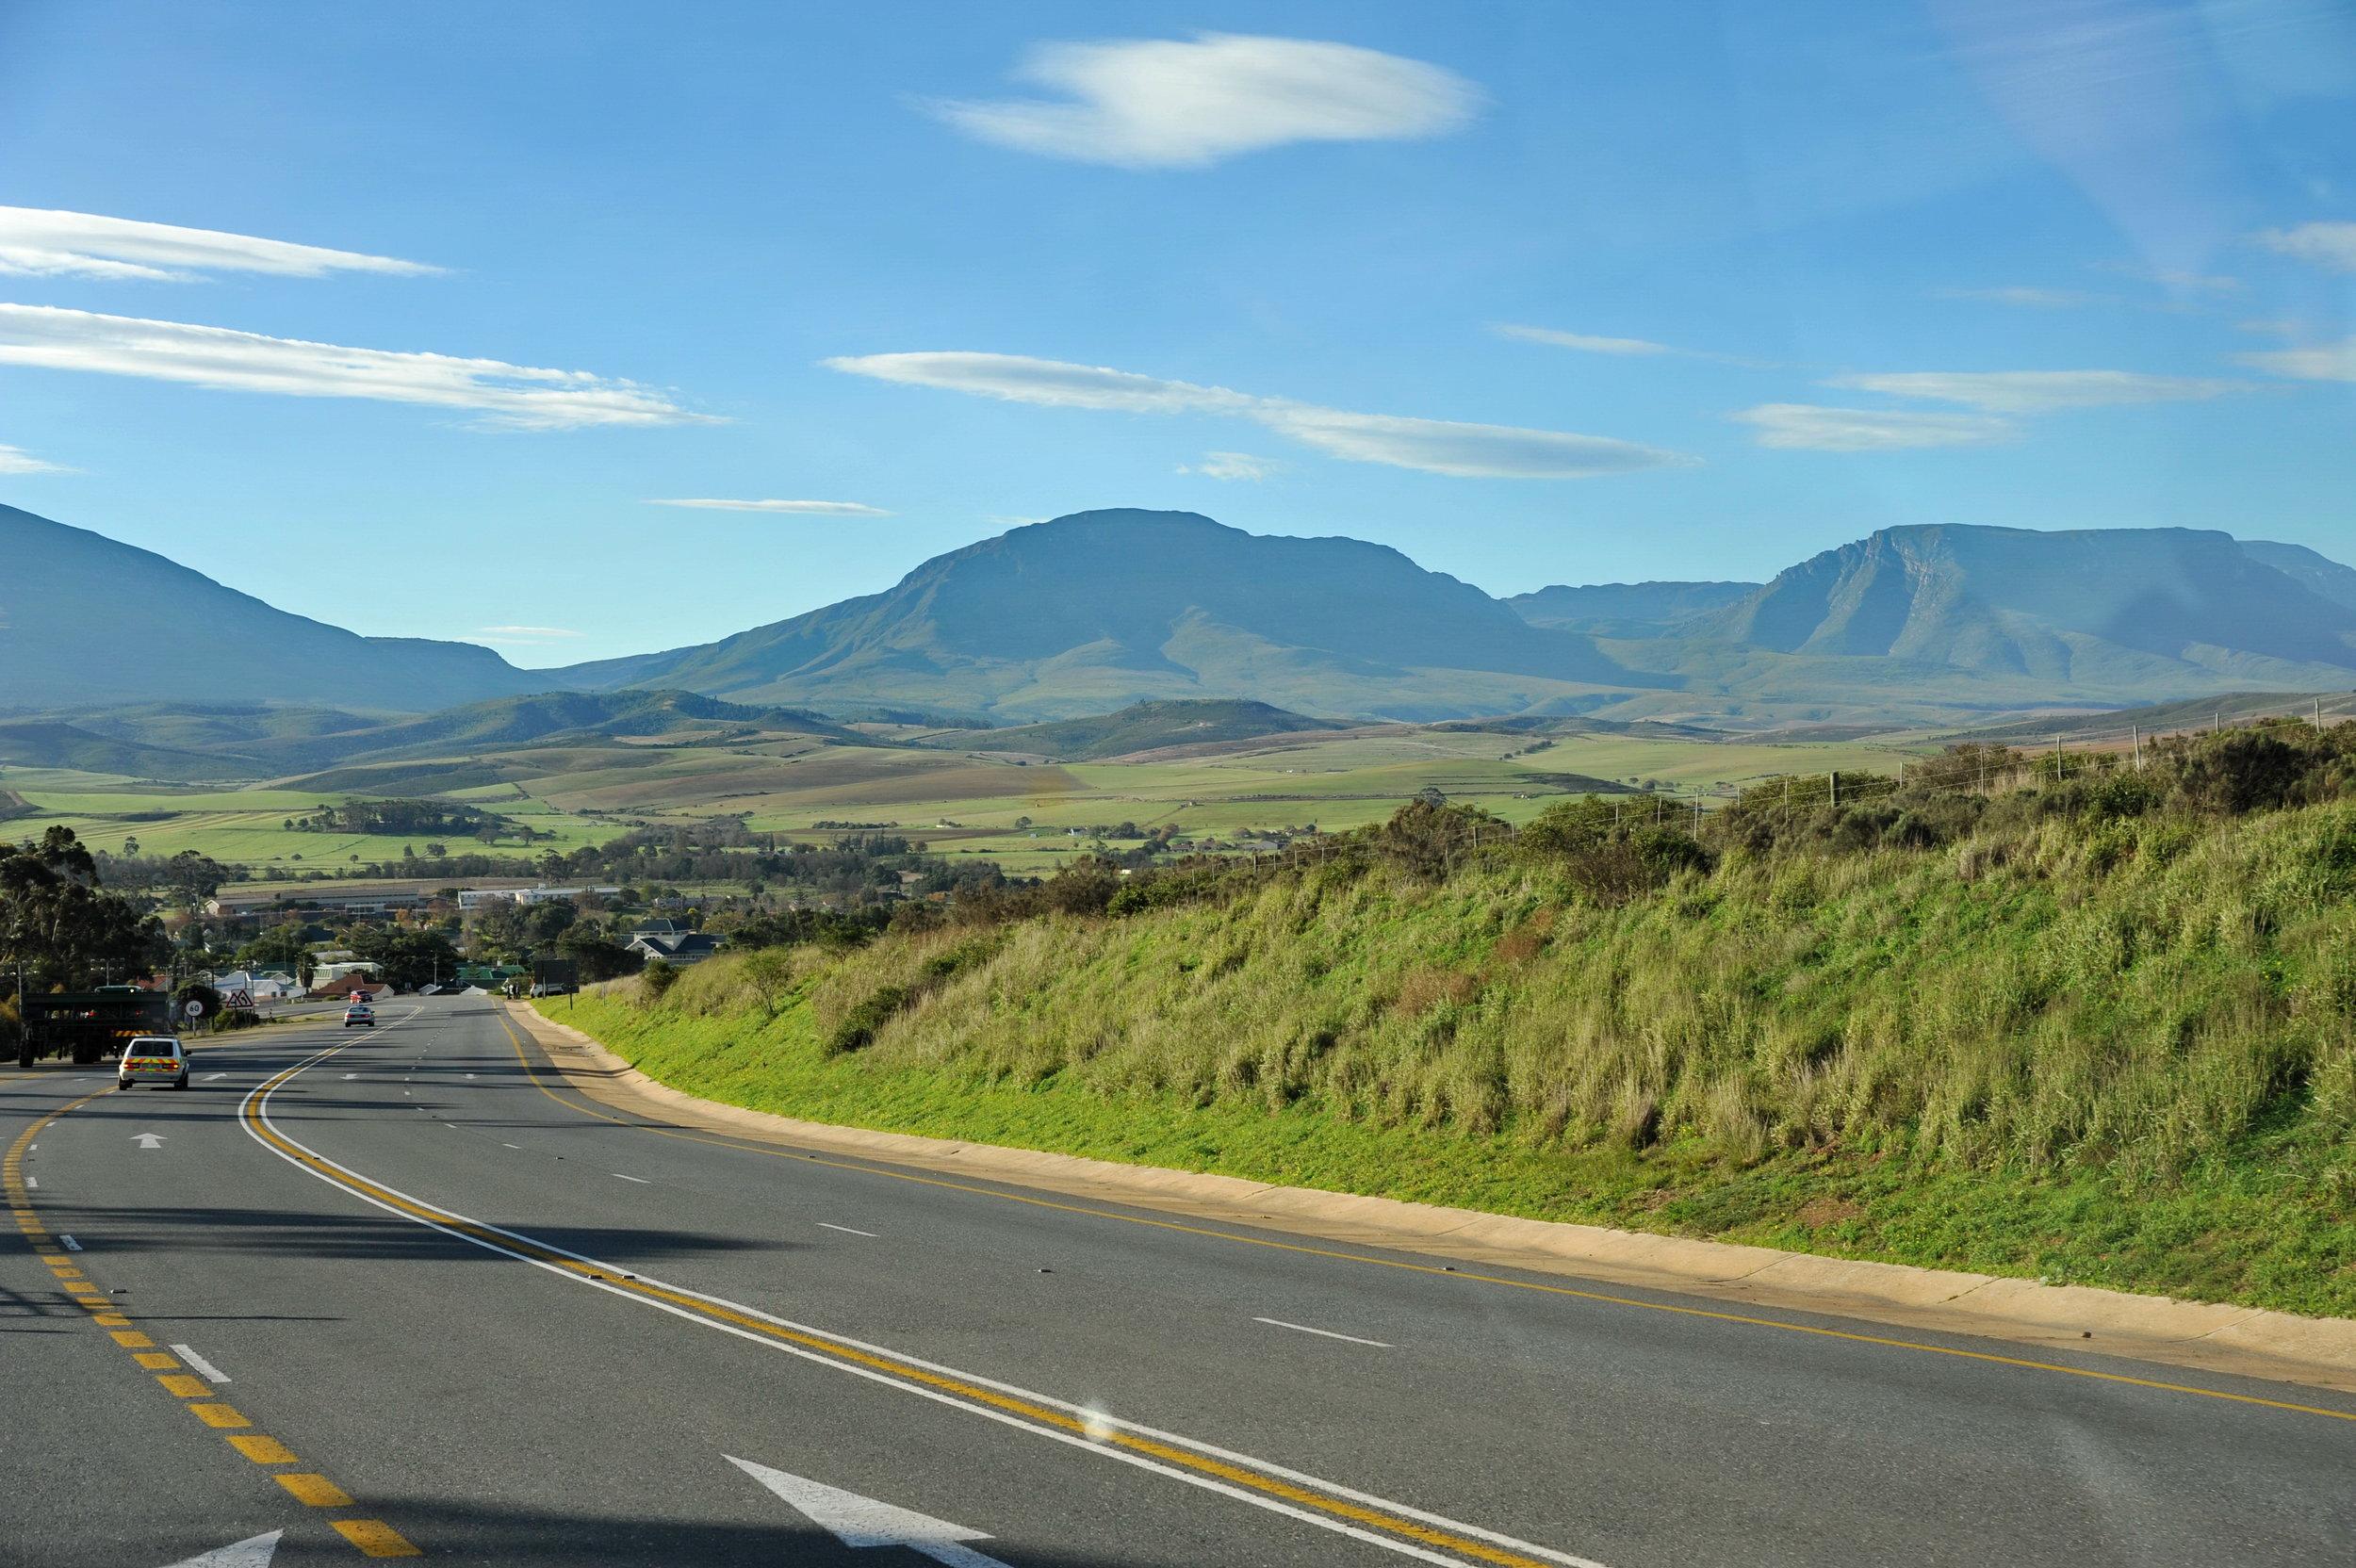 Agence_de_voyages_basée_en_Afrique_Tours_et_voyage_à_Cape_Town_et_les_vignobles_Voyage_de_noces avec_CapOuPasCap_Voyage_la_route_des_jardins_riversdale2.jpg